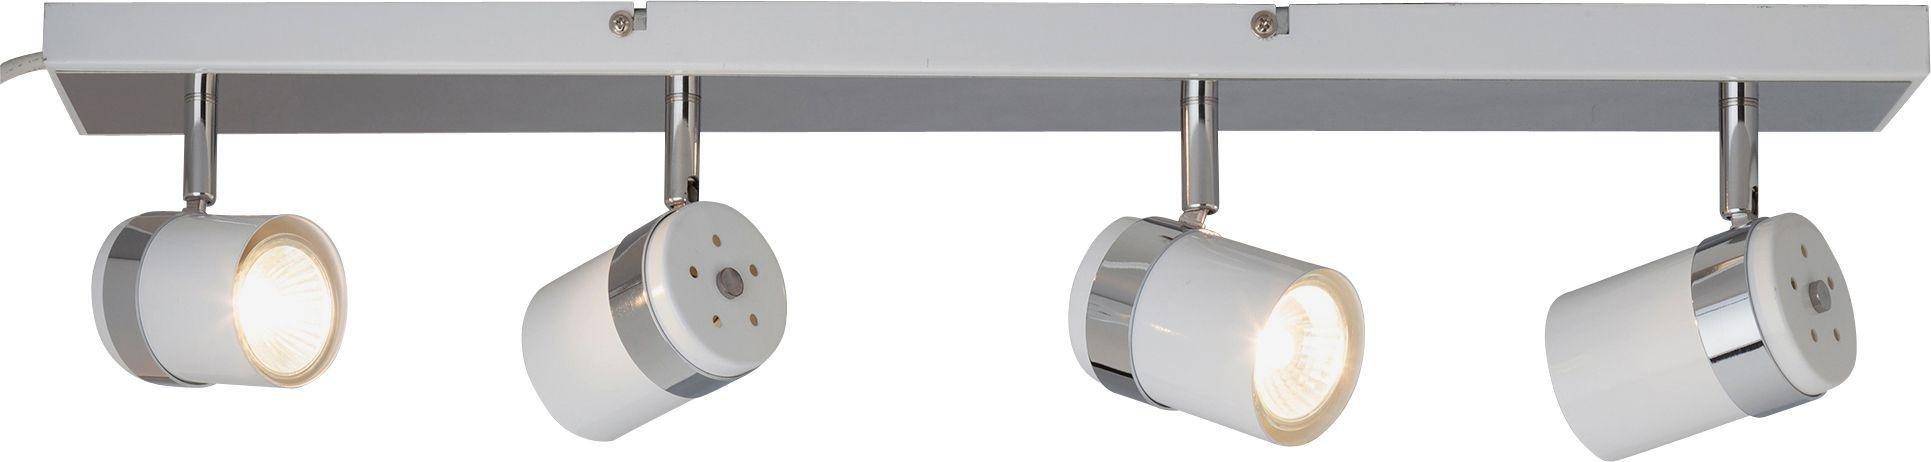 Argos Home - Shiro 4 Spotlight Bar - White and Chrome